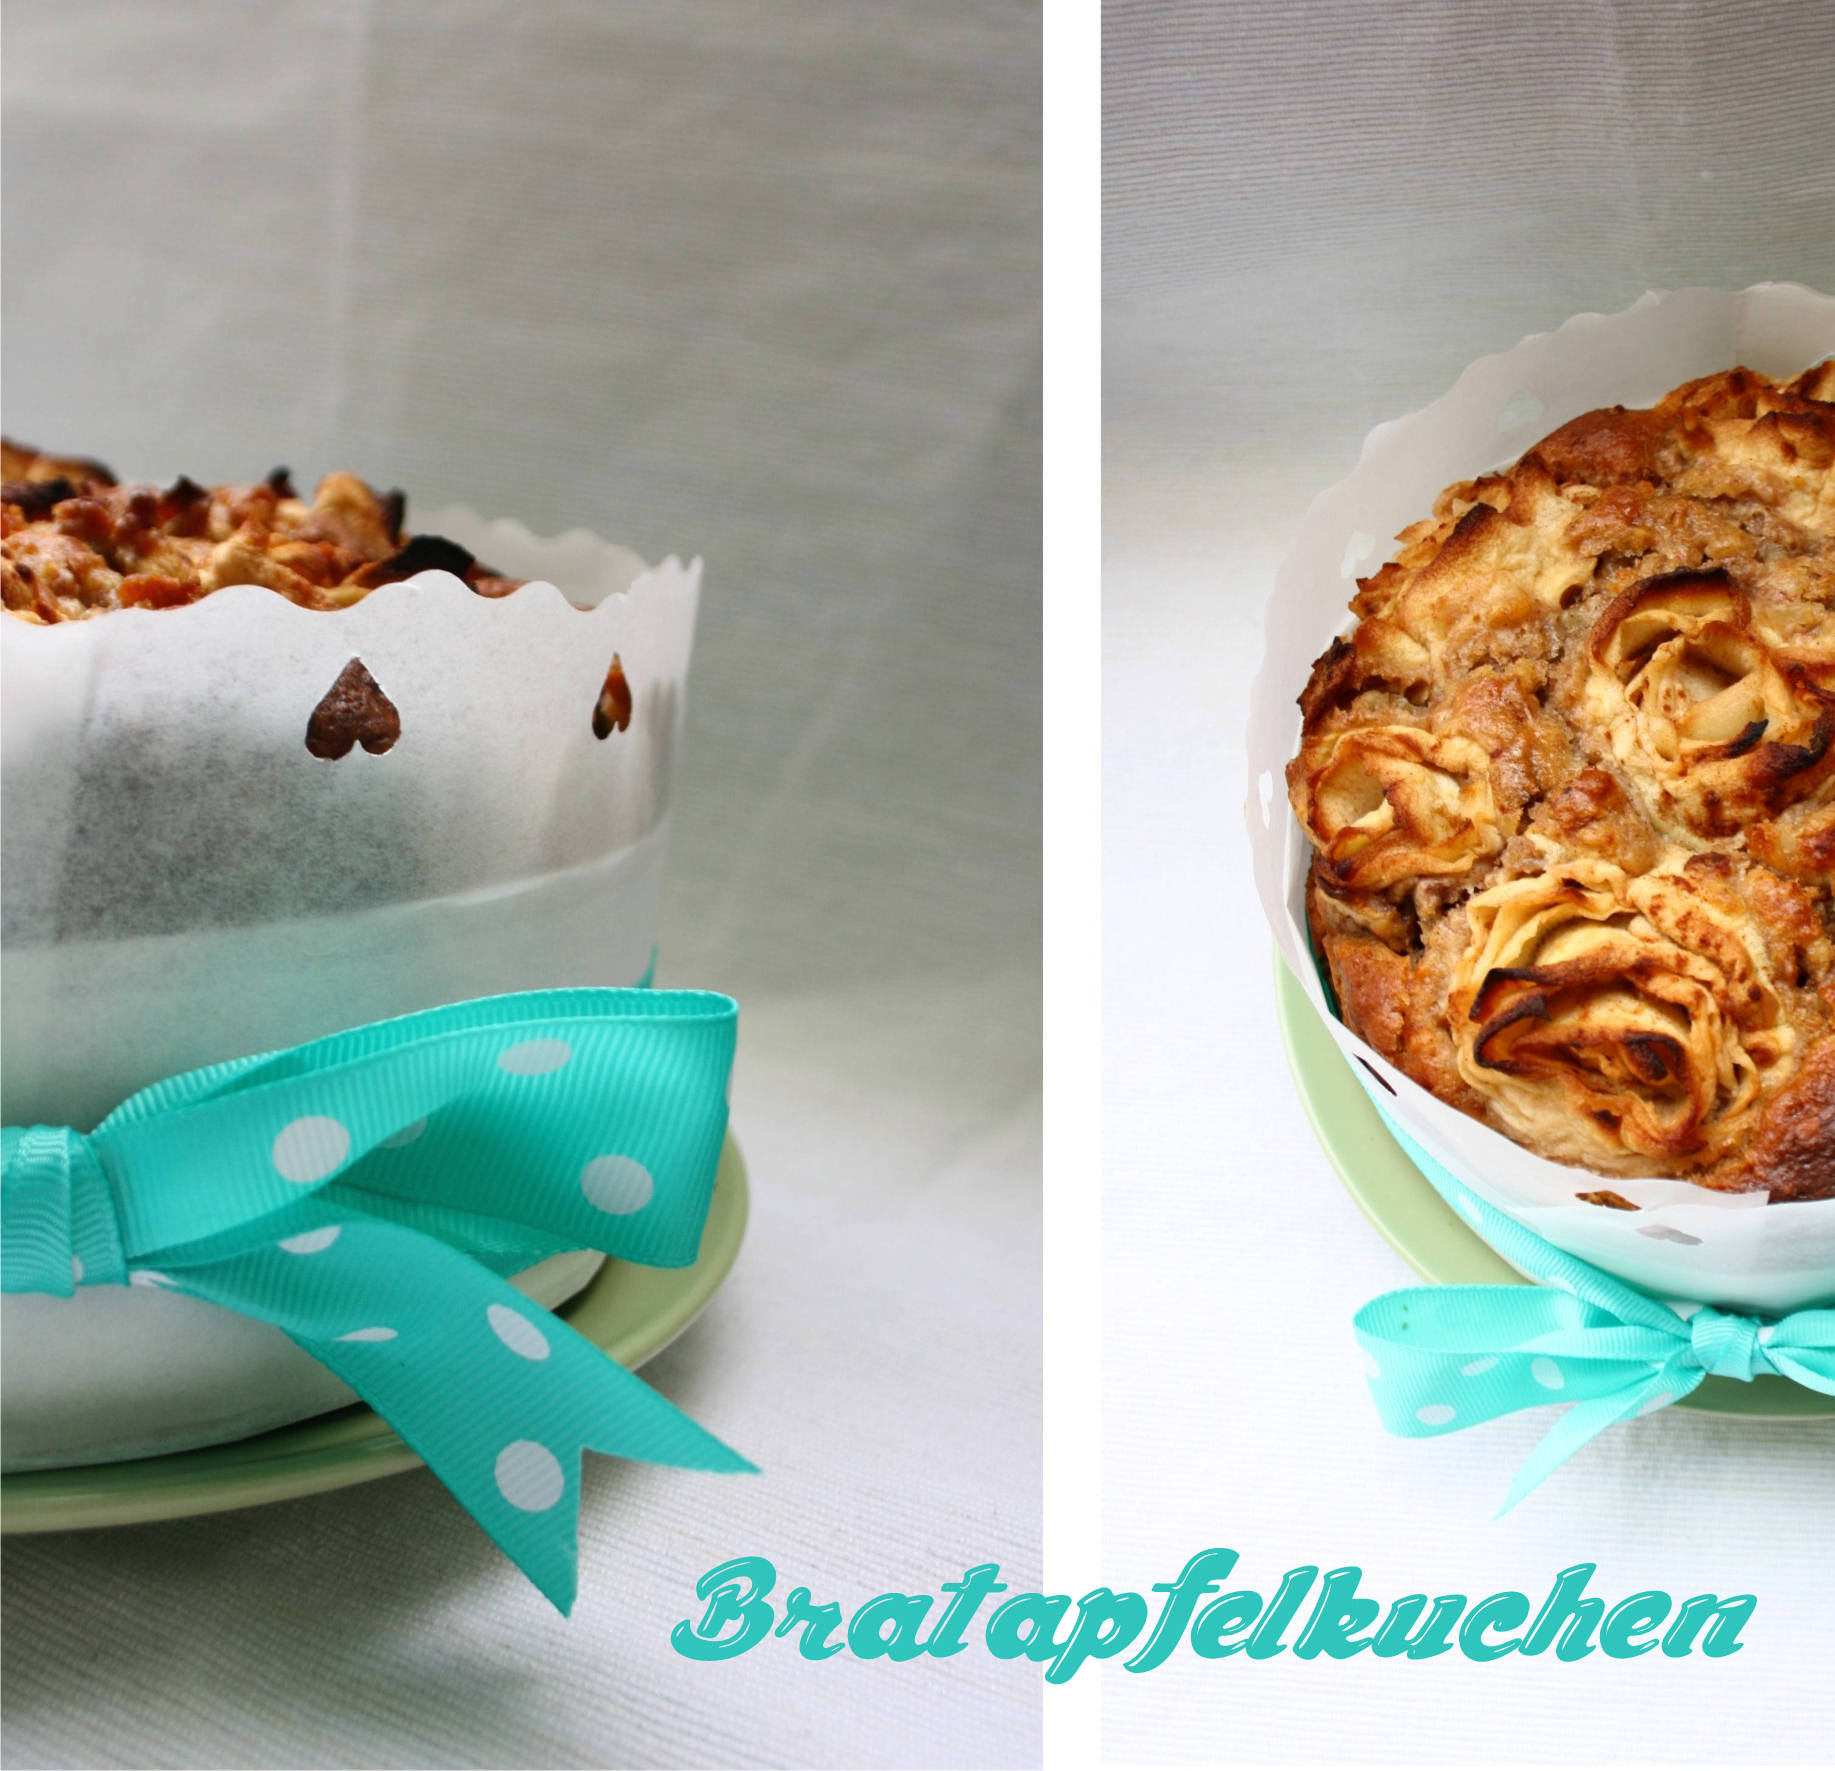 Bratapfelkuchen http://babyrockmyday.com/bratapfelkuchen/